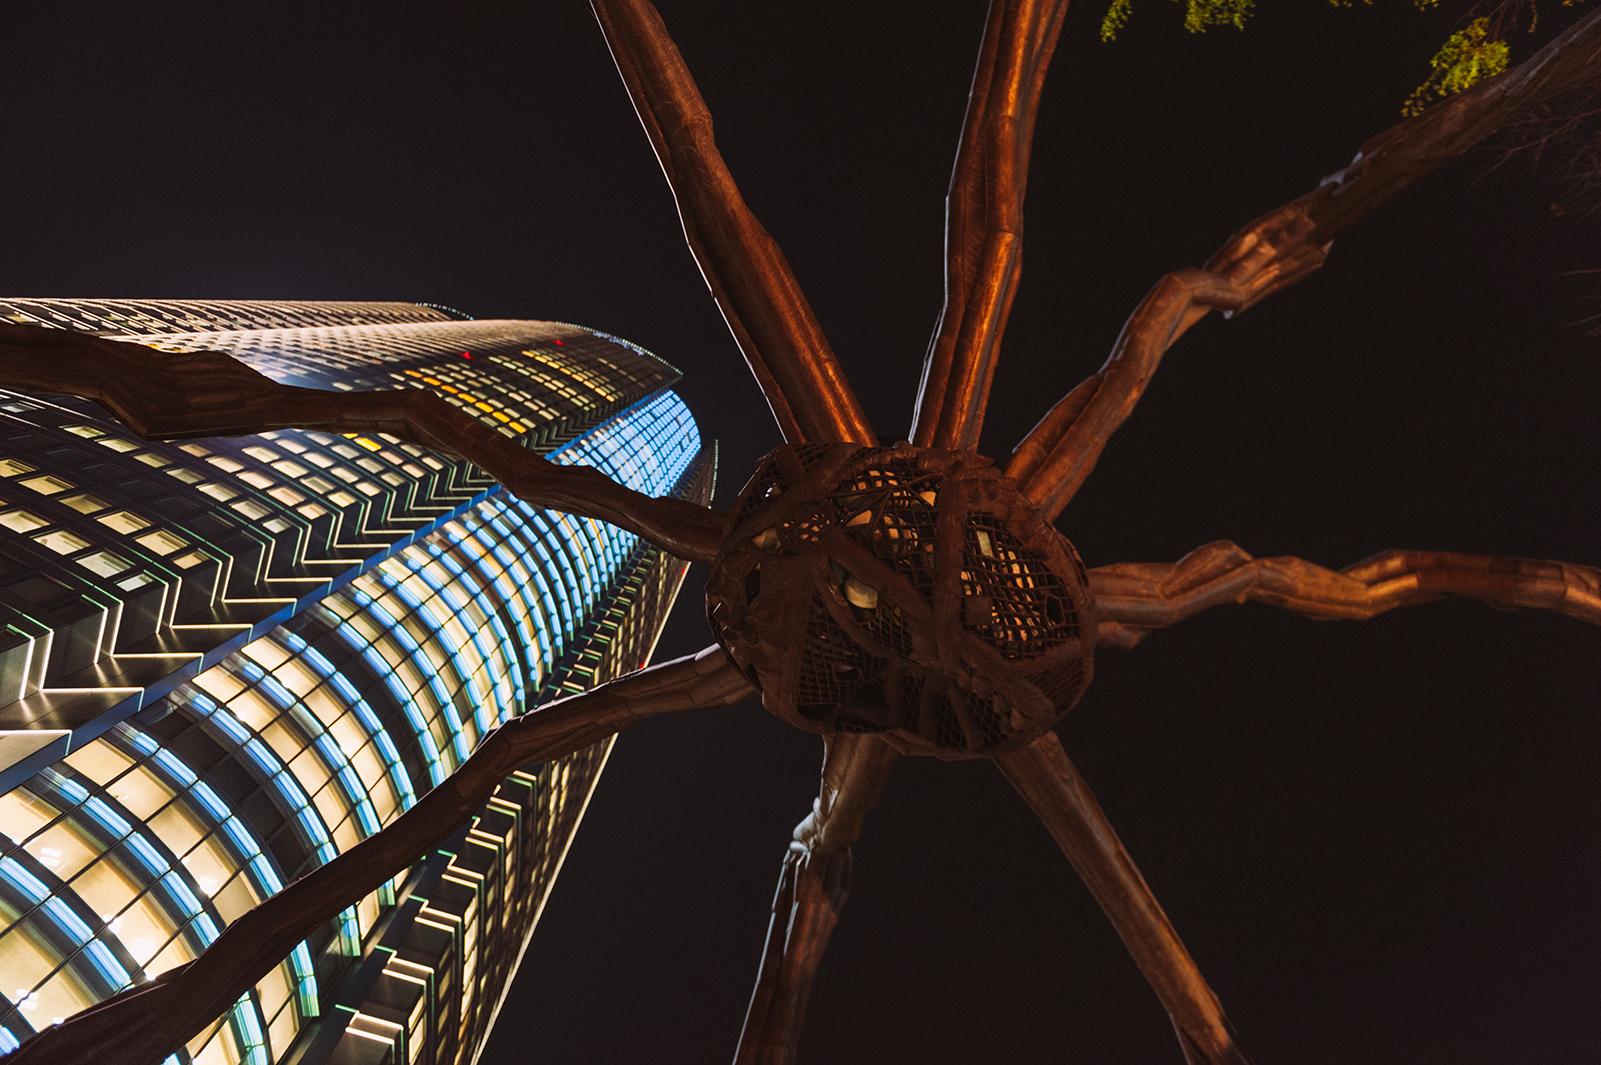 Паук Maman или Mori spider. Квартал Роппонги - центр ночной жизни Токио